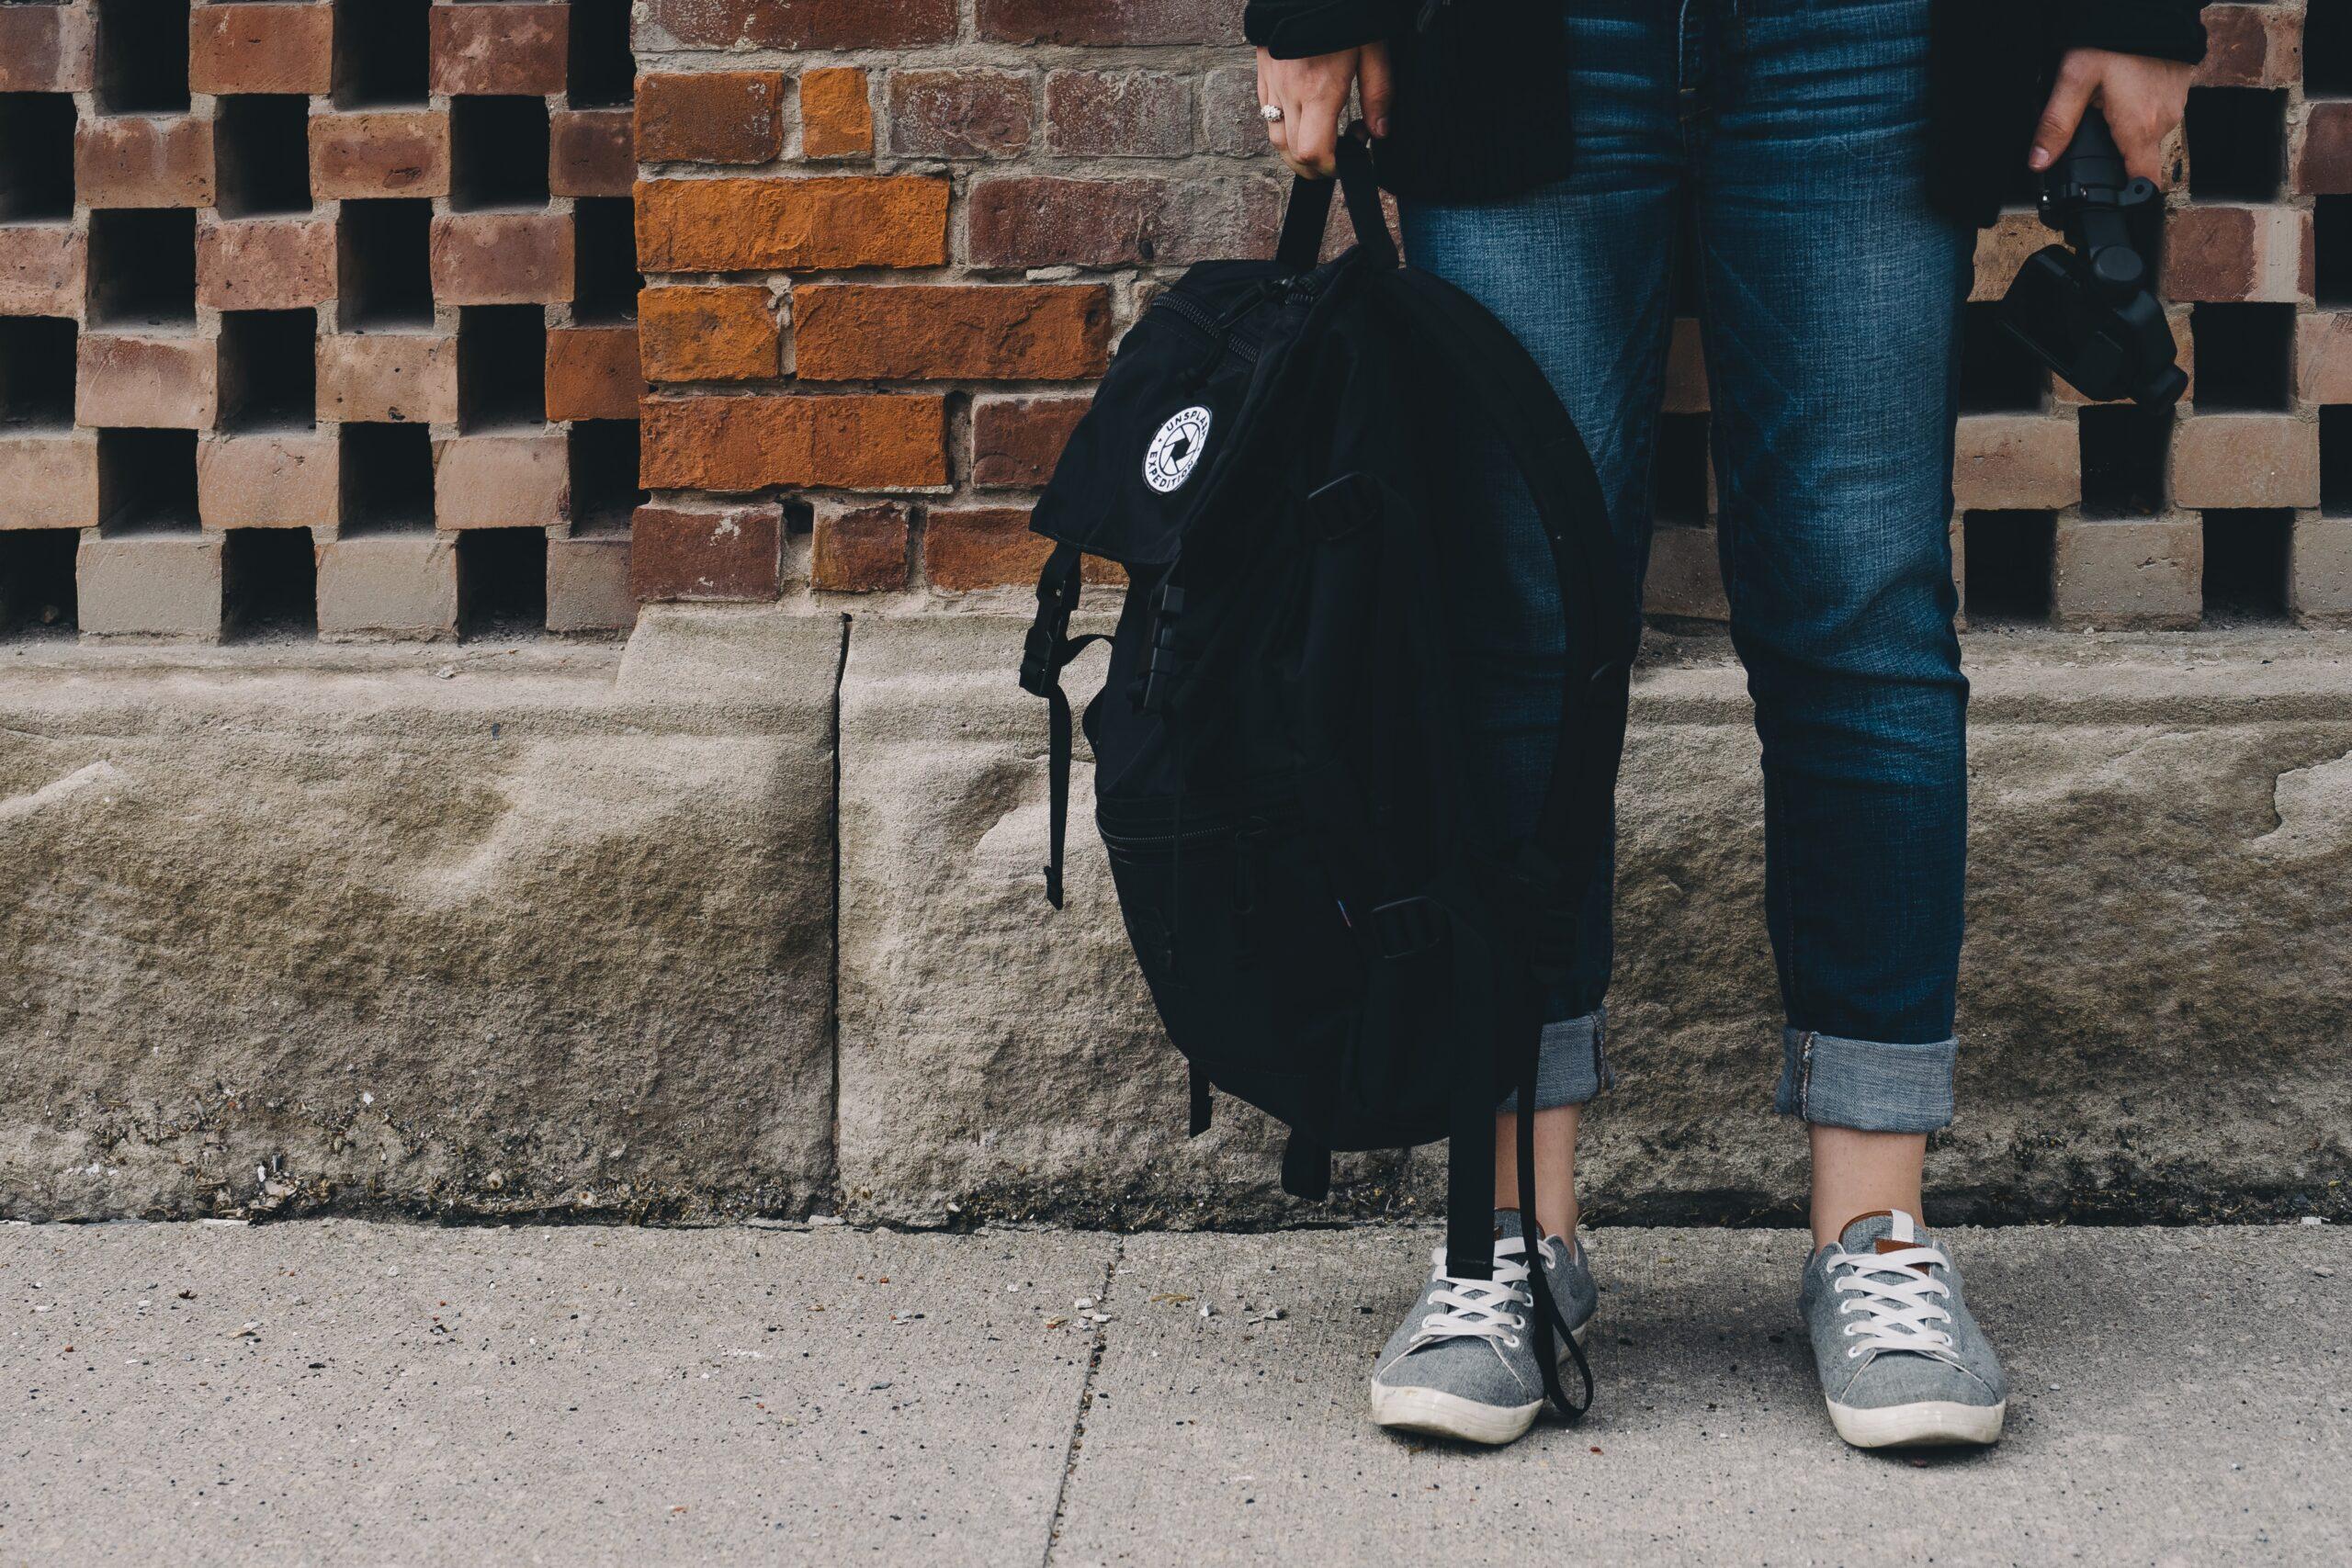 Ви ризикуєте: вашу дитину виженуть із закордонної школи / ВНЗ (ч.1)